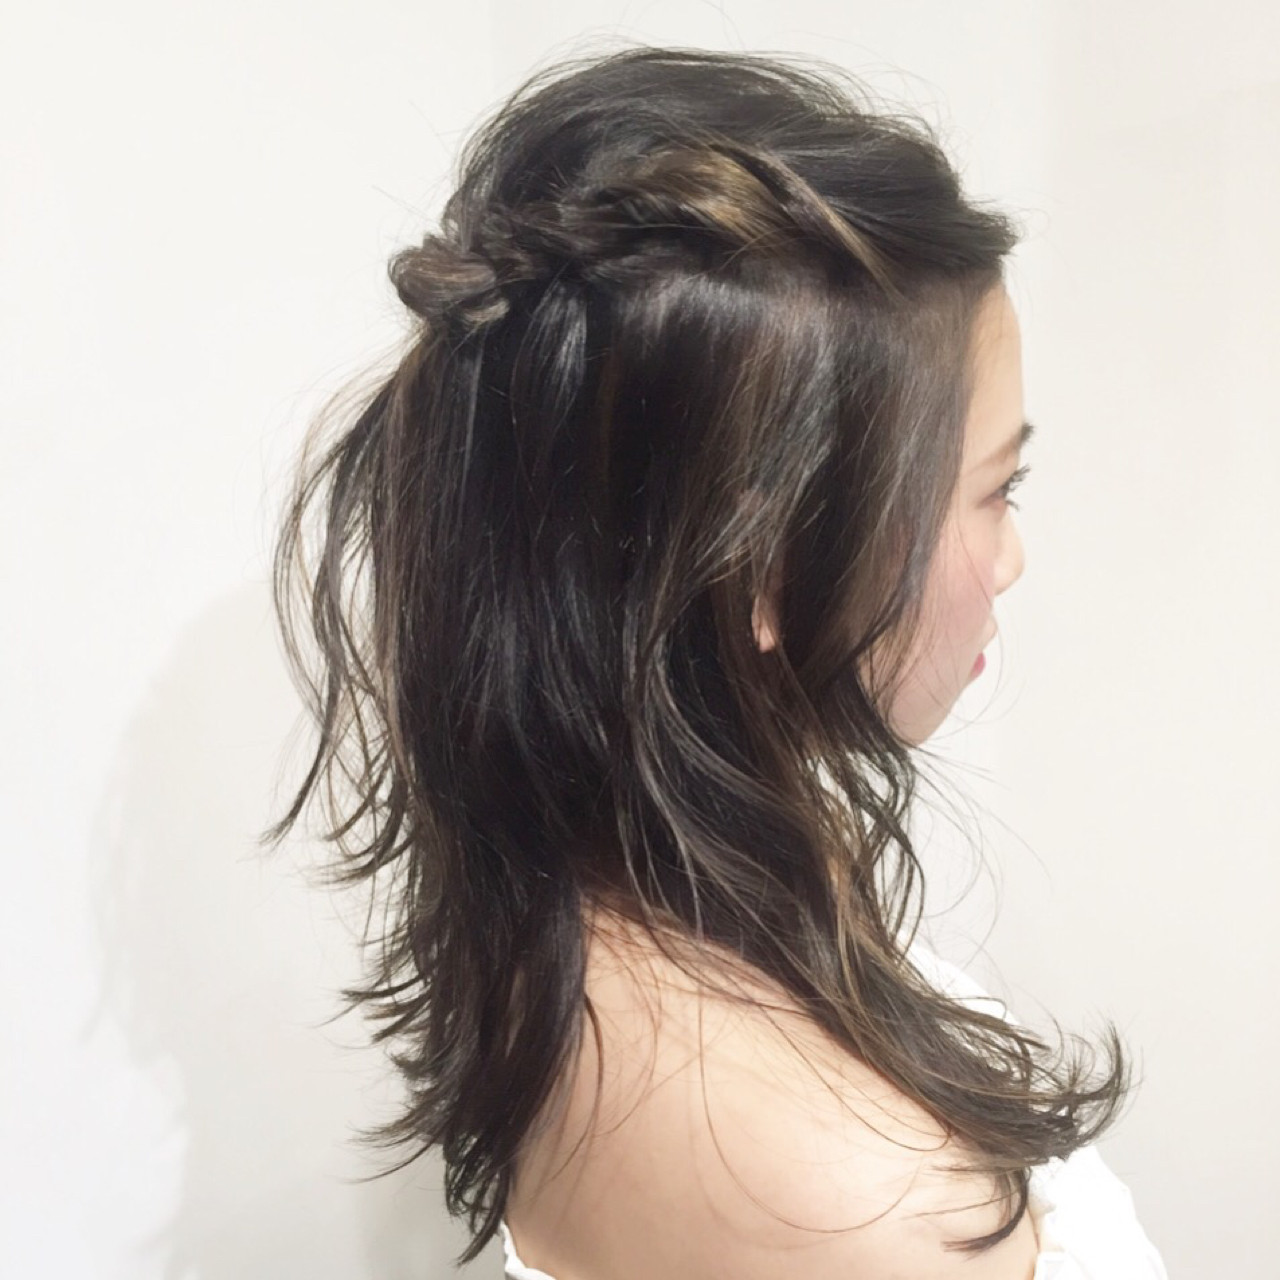 長長的前髪也能變身時尚!中長編髮造型 miyuki saito